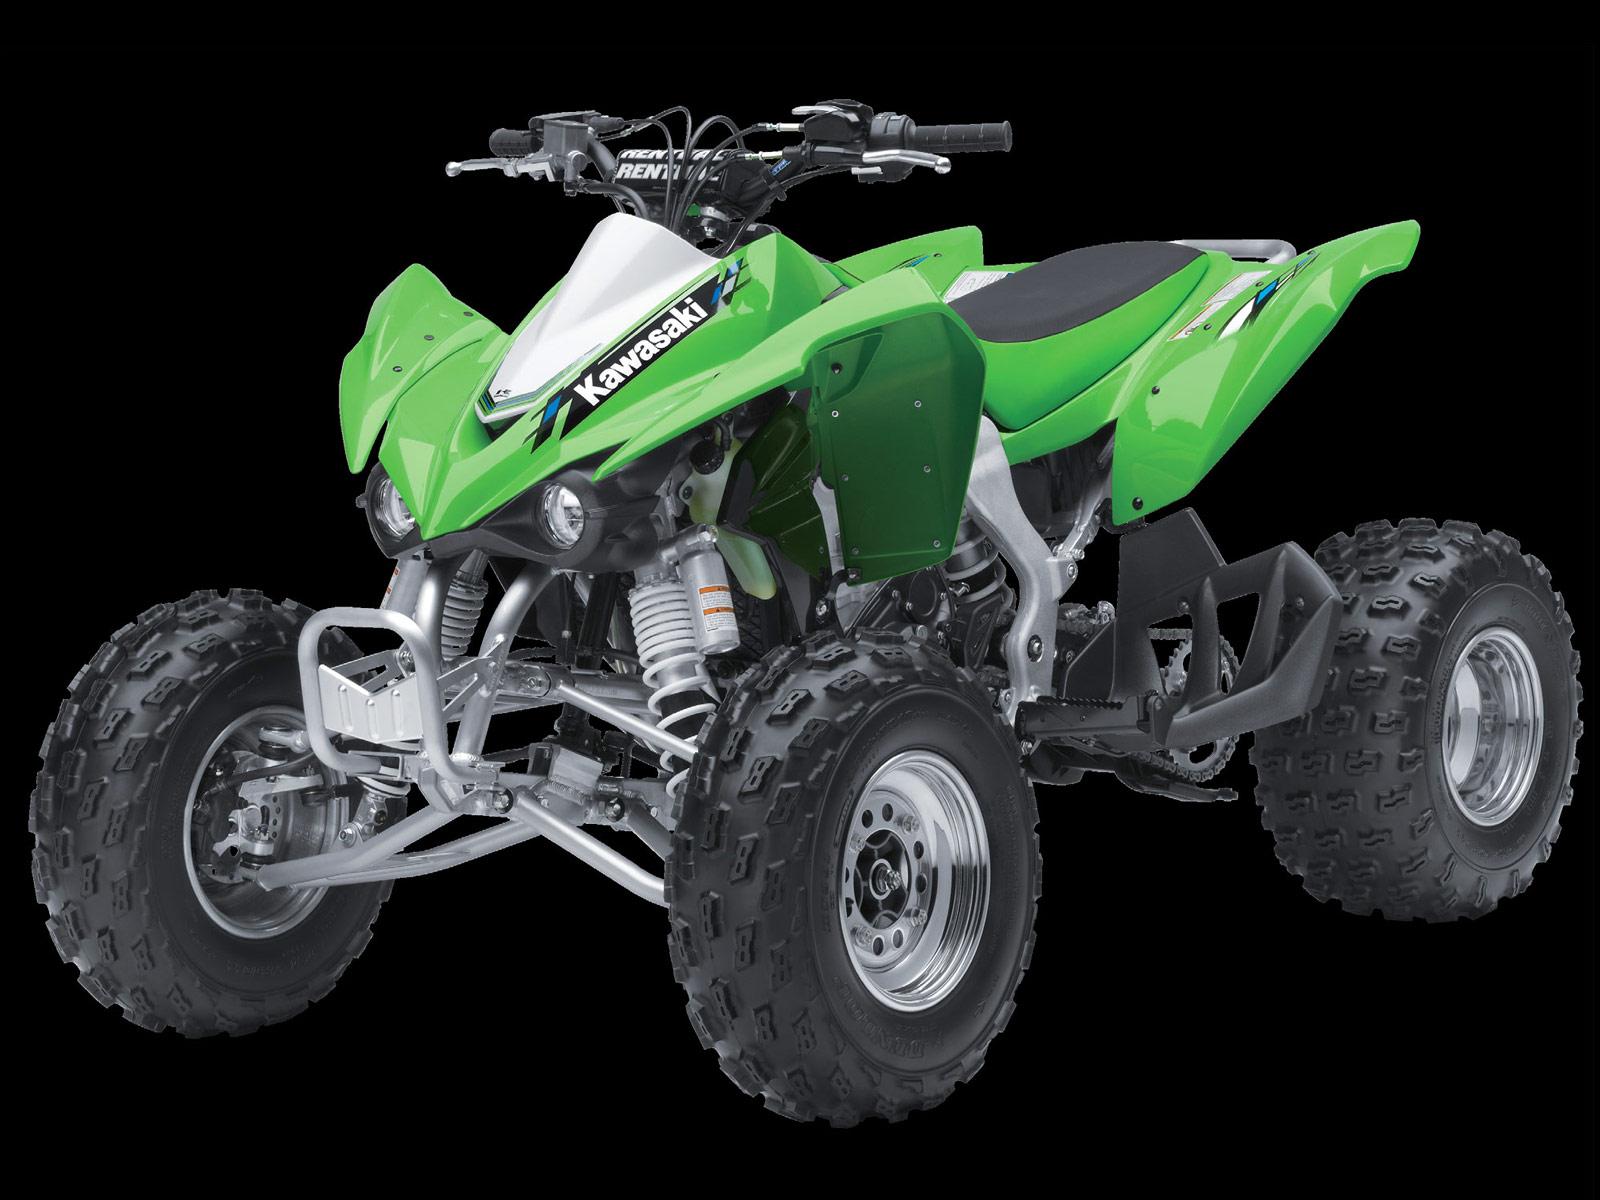 http://1.bp.blogspot.com/-AbXJwizze8E/UNwn7pu6-hI/AAAAAAAADRA/nE3YG_LTQMM/s1600/2013-Kawasaki-KFX450R-ATV-pictures-1.jpg